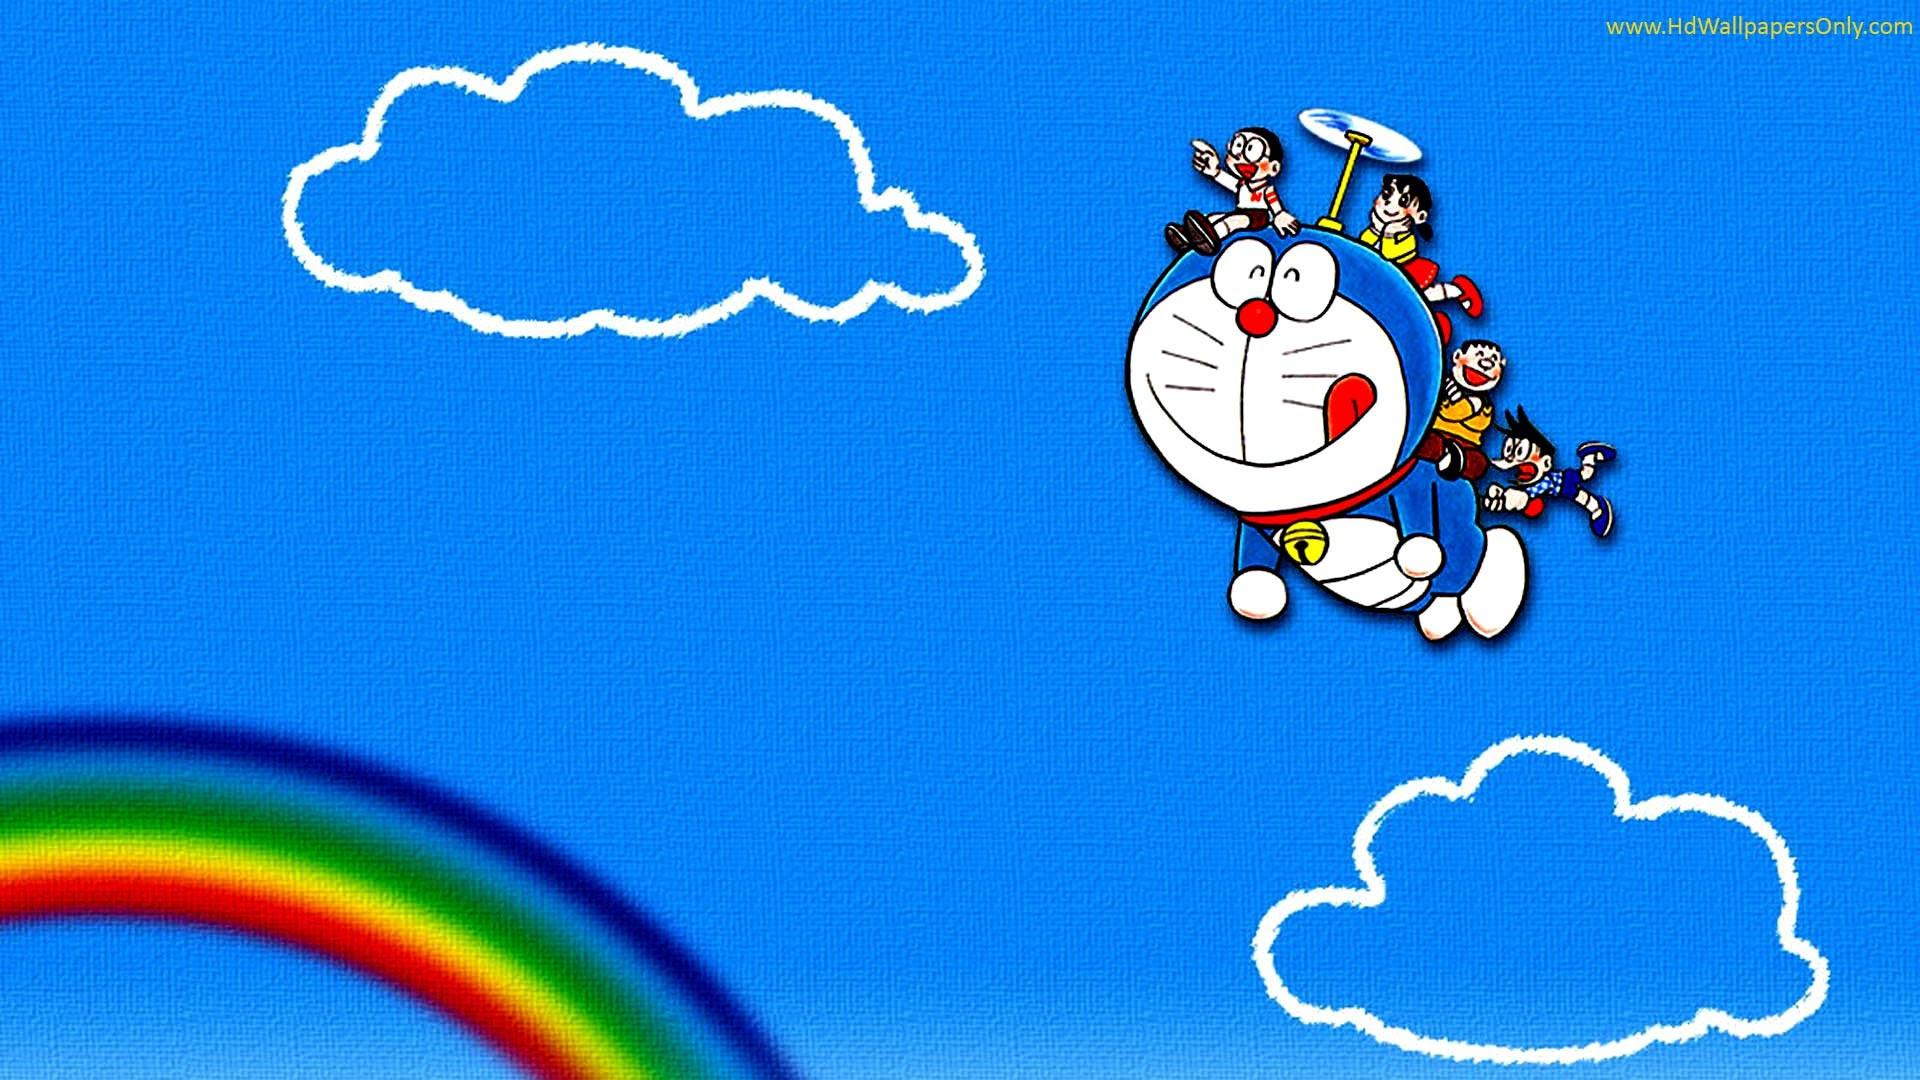 Unduh 950 Koleksi Wallpaper Animasi Bergerak Hd Gratis Terbaru